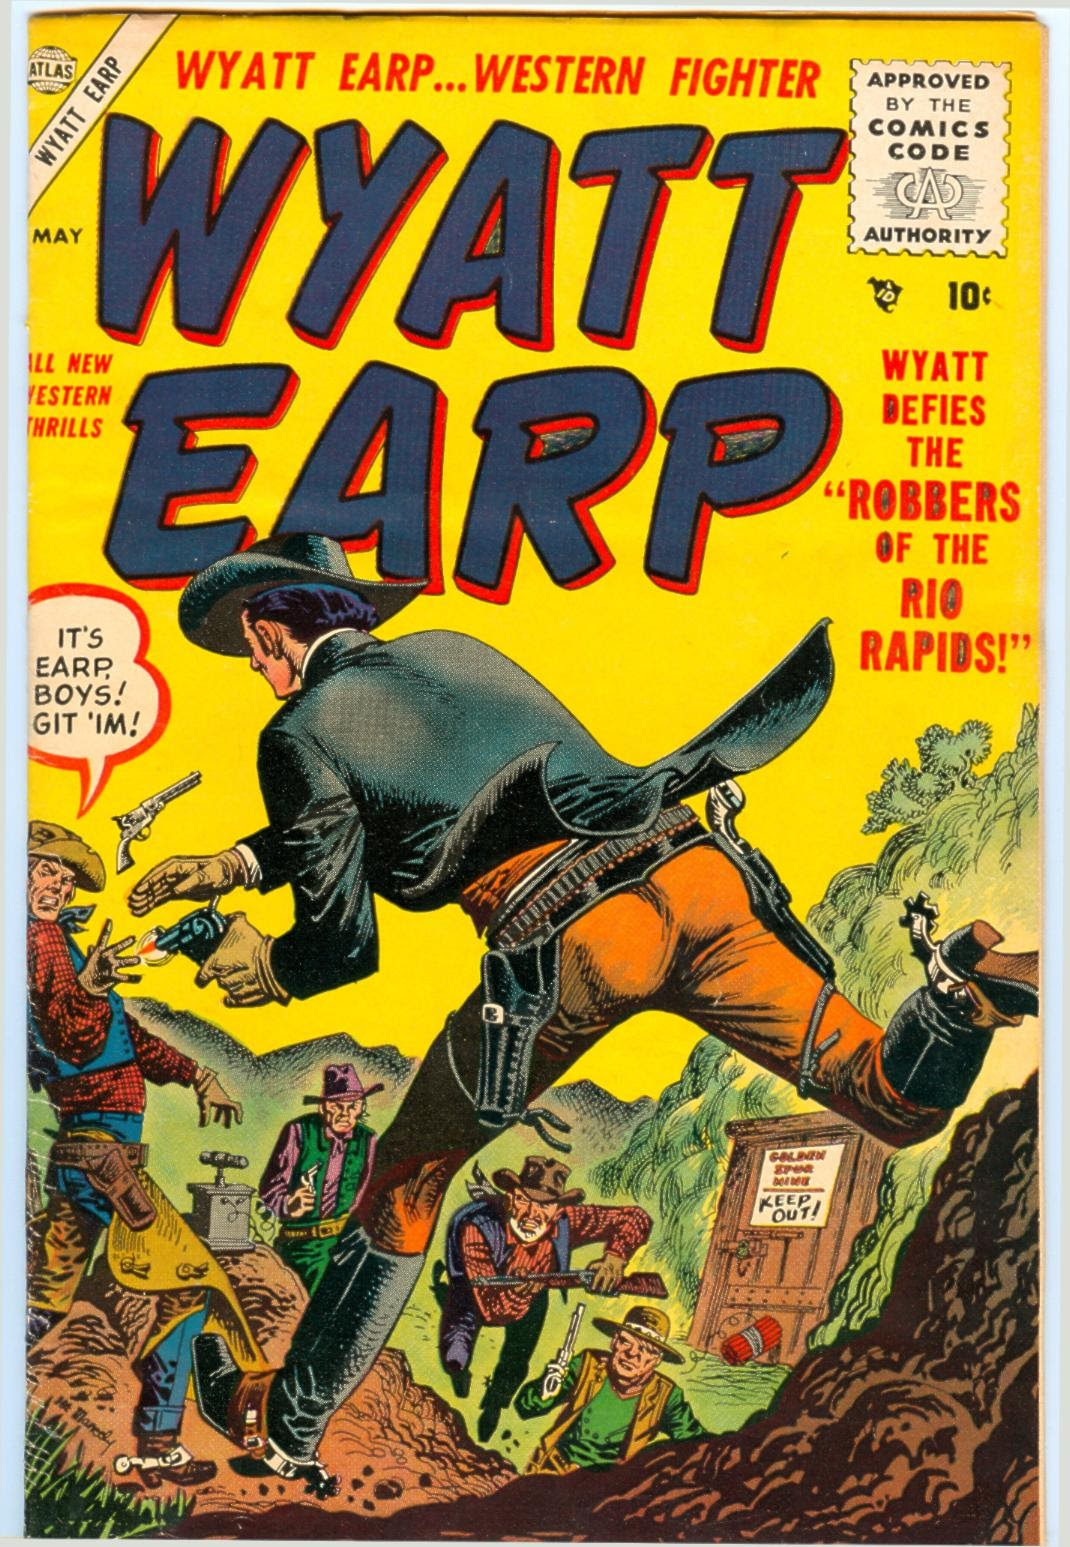 Wyatt Earp 4 Page 1